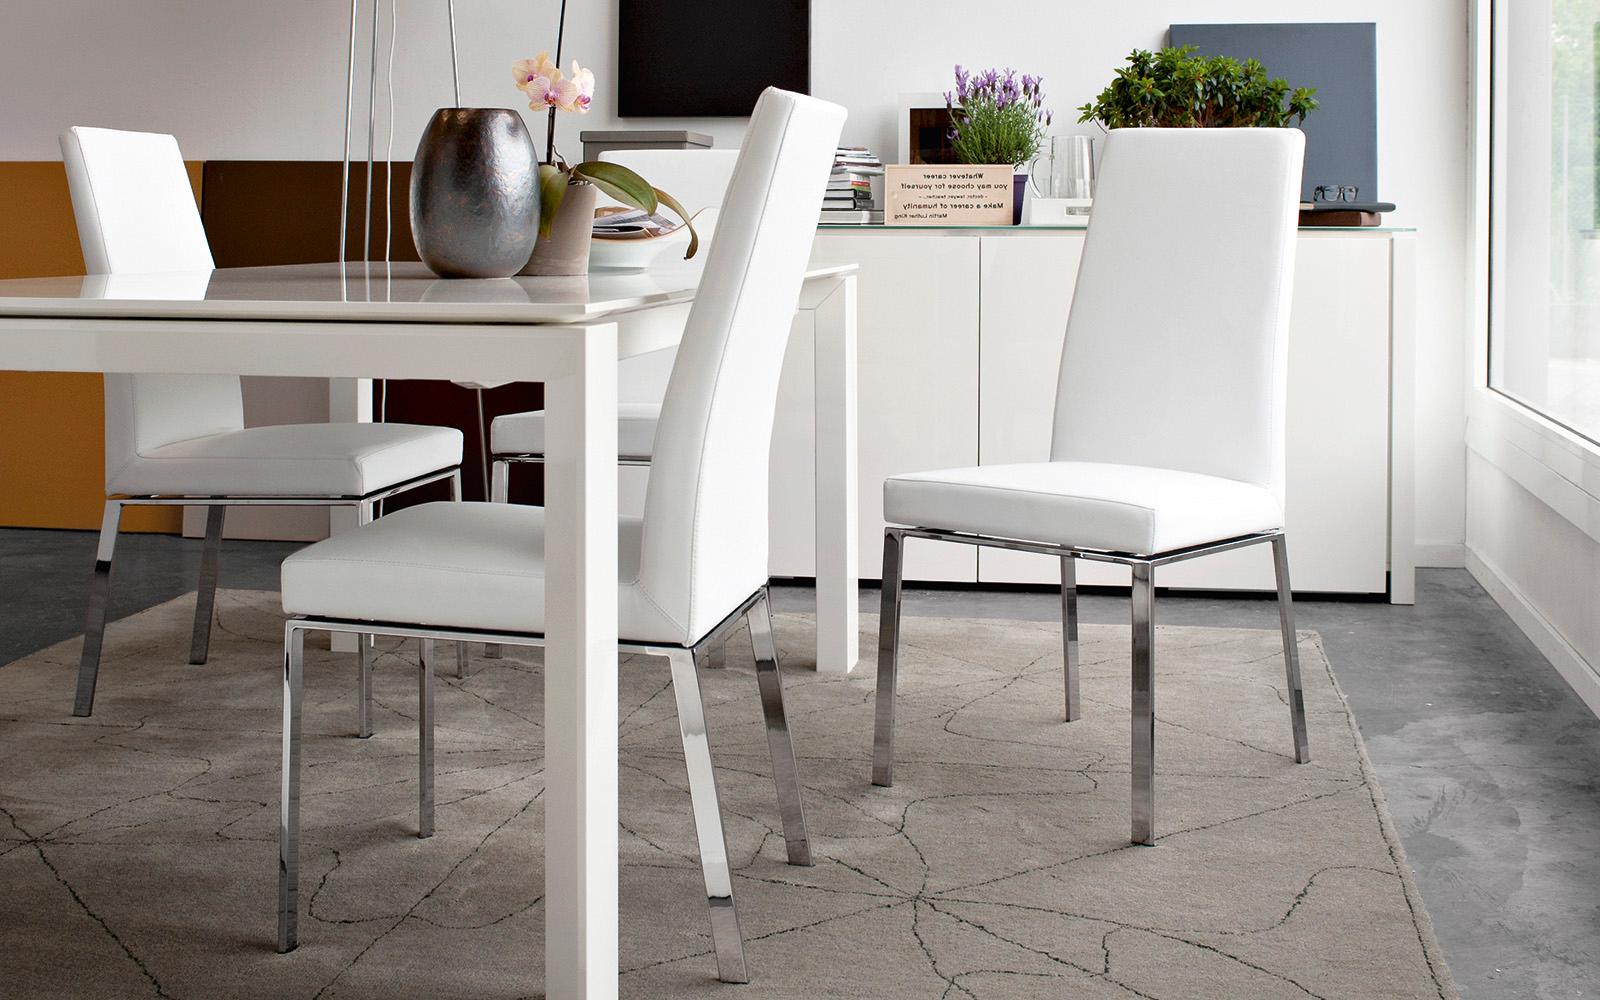 Nuova collezione di sedie calligaris ideali per la vostra casa for Rivestimento sedie